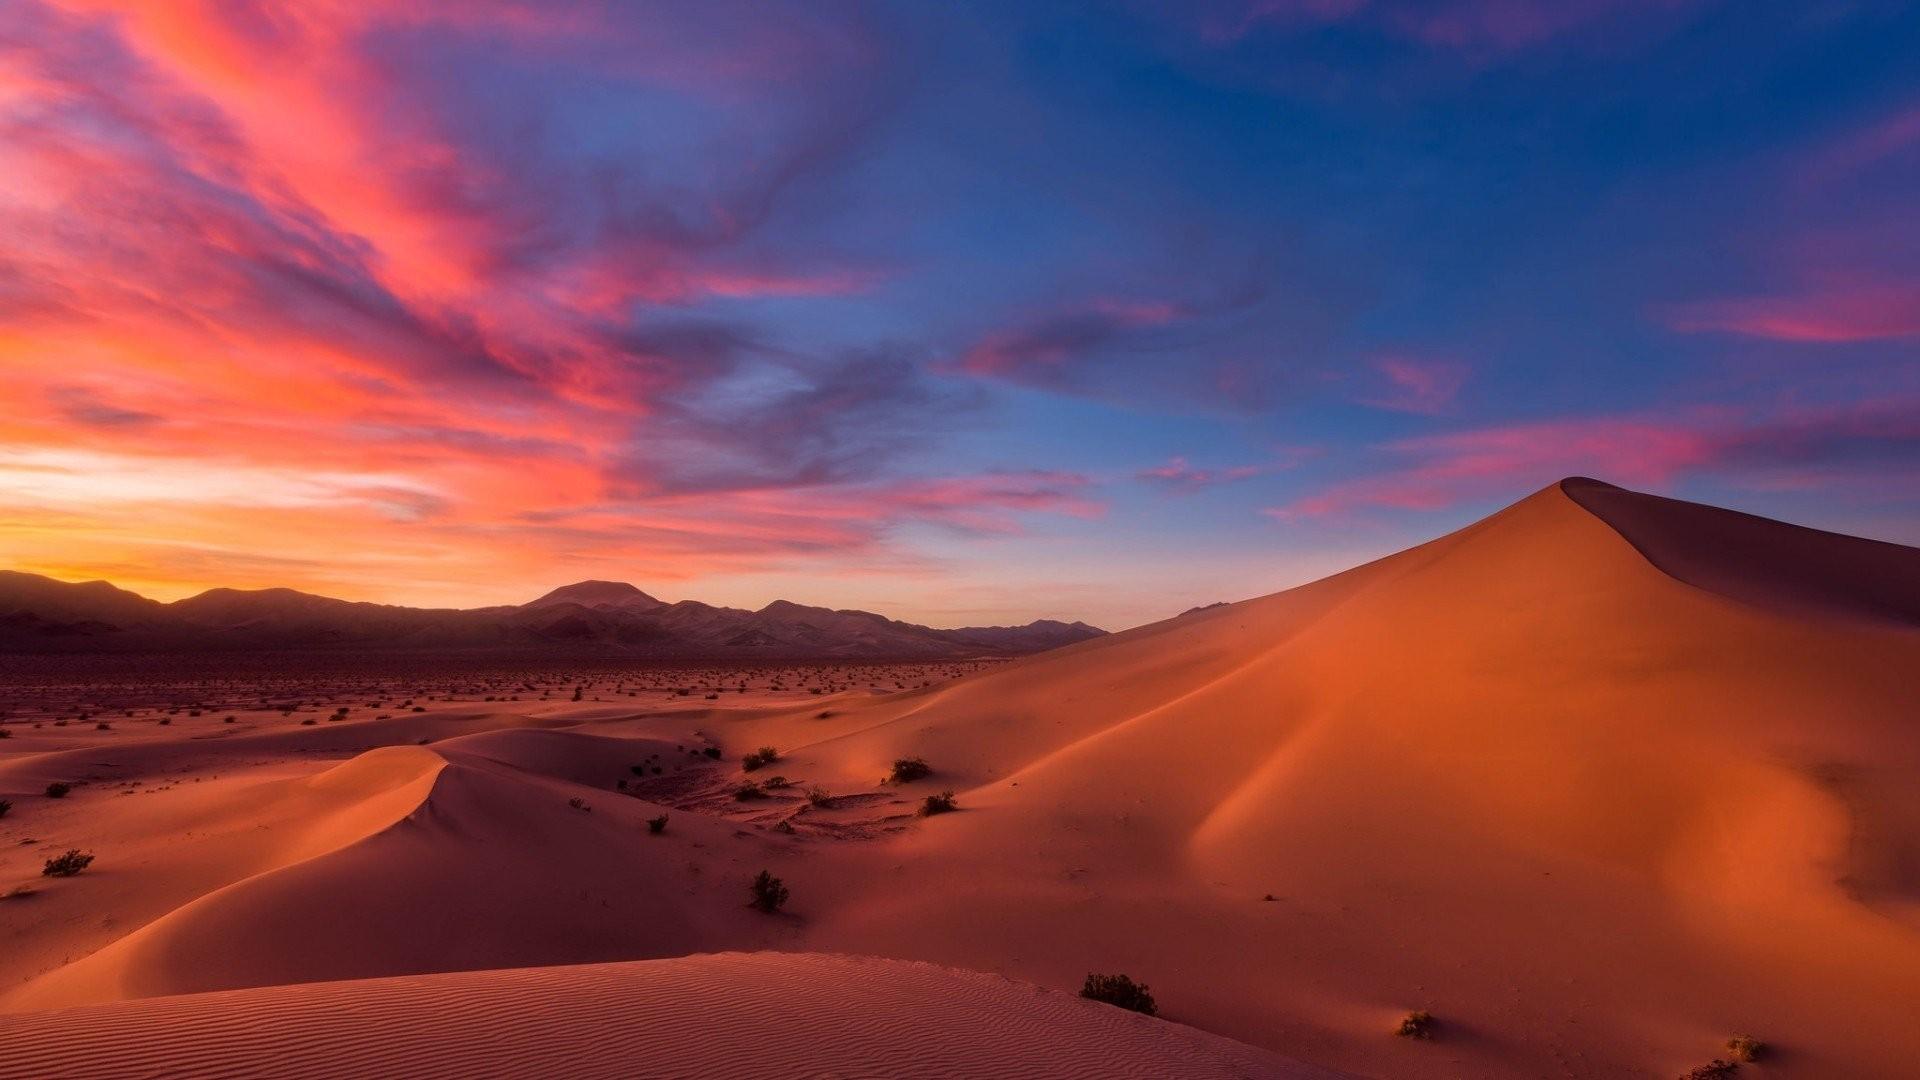 Desert hd wallpaper download